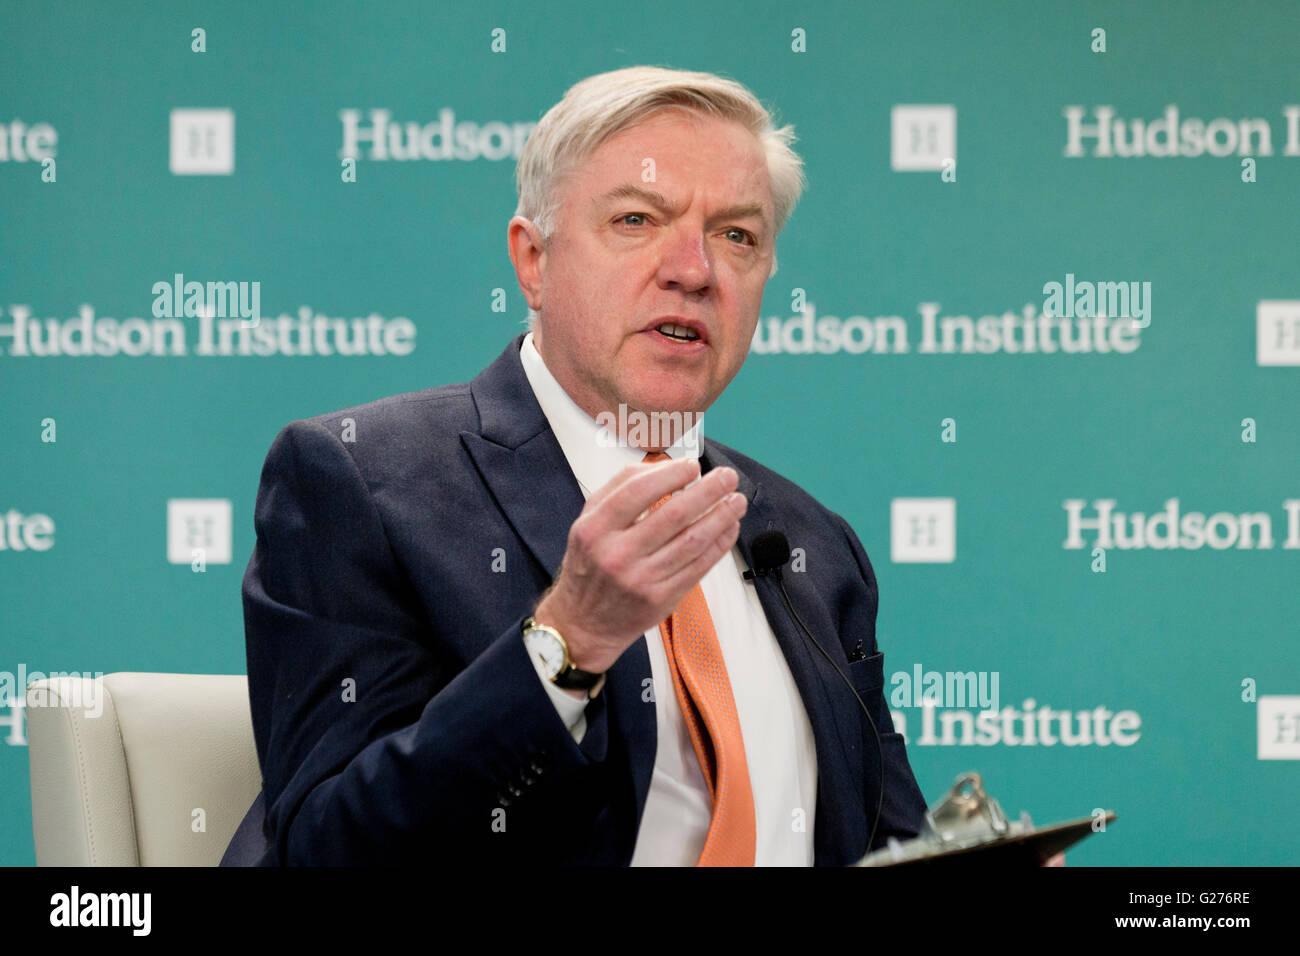 Arthur Herman, Senior Fellow, Hudson Institute - Washington, DC USA Photo Stock